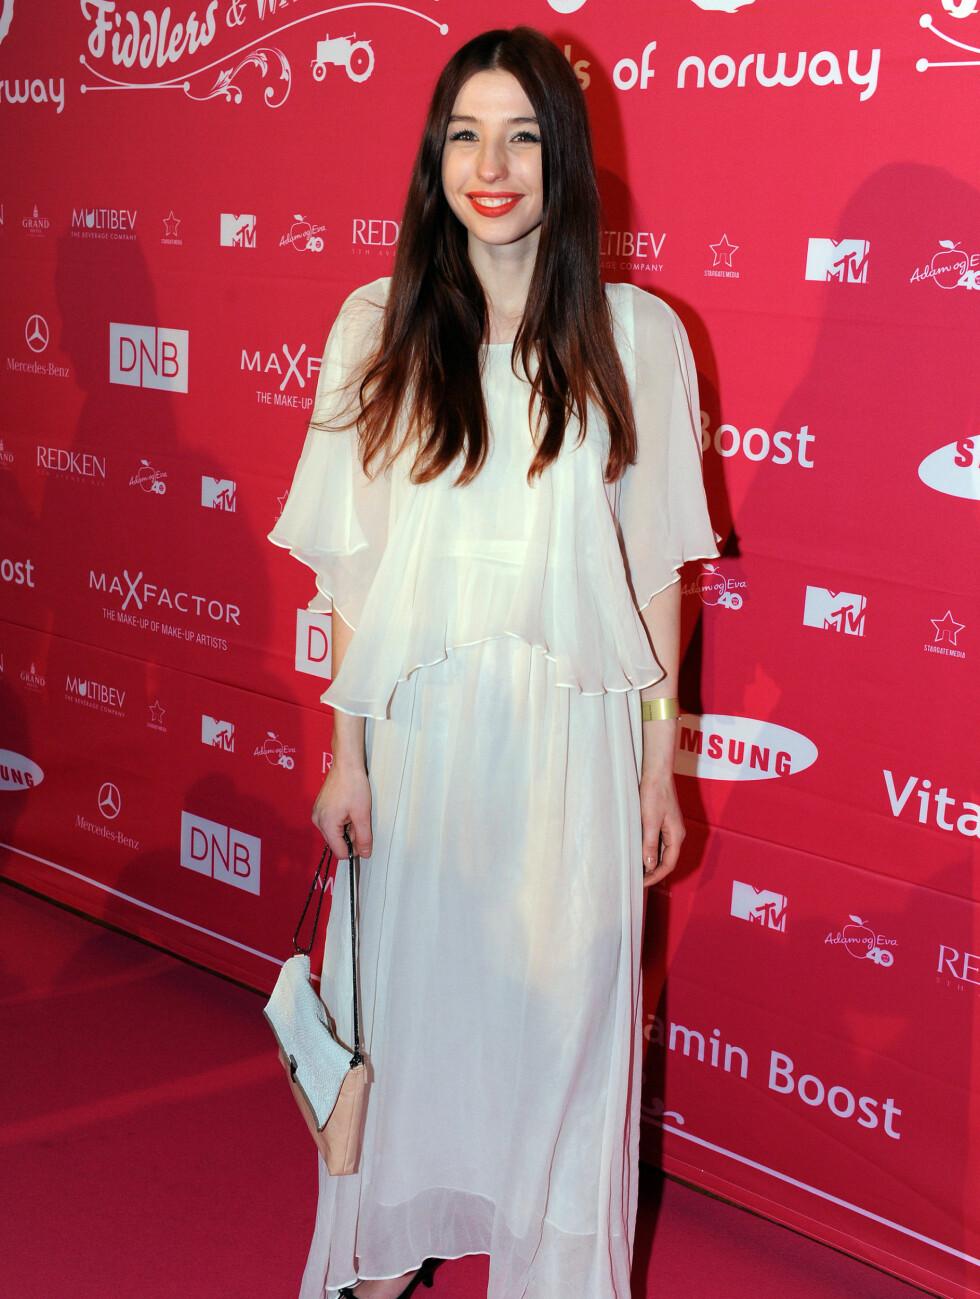 I NORSK DESIGN: Linnea Dale liker ikke å shoppe, men mandag kveld kom hun i en flott, lang hvit kjole.  Foto: FAME FLYNET